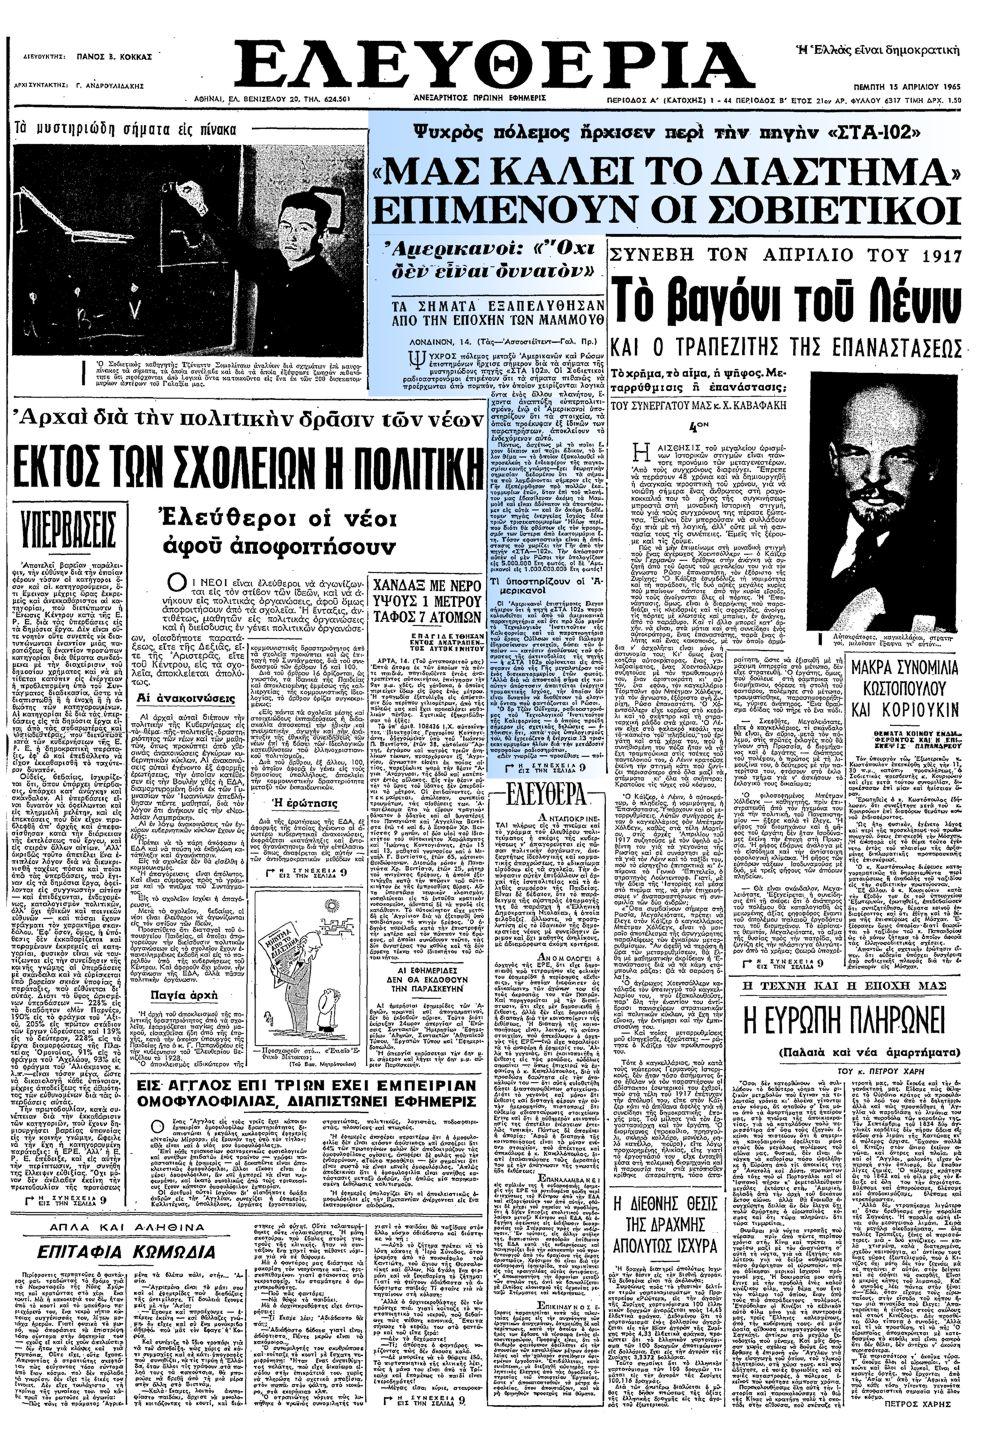 """Το άρθρο, όπως δημοσιεύθηκε στην εφημερίδα """"ΕΛΕΥΘΕΡΙΑ"""", στις 15/04/1965"""